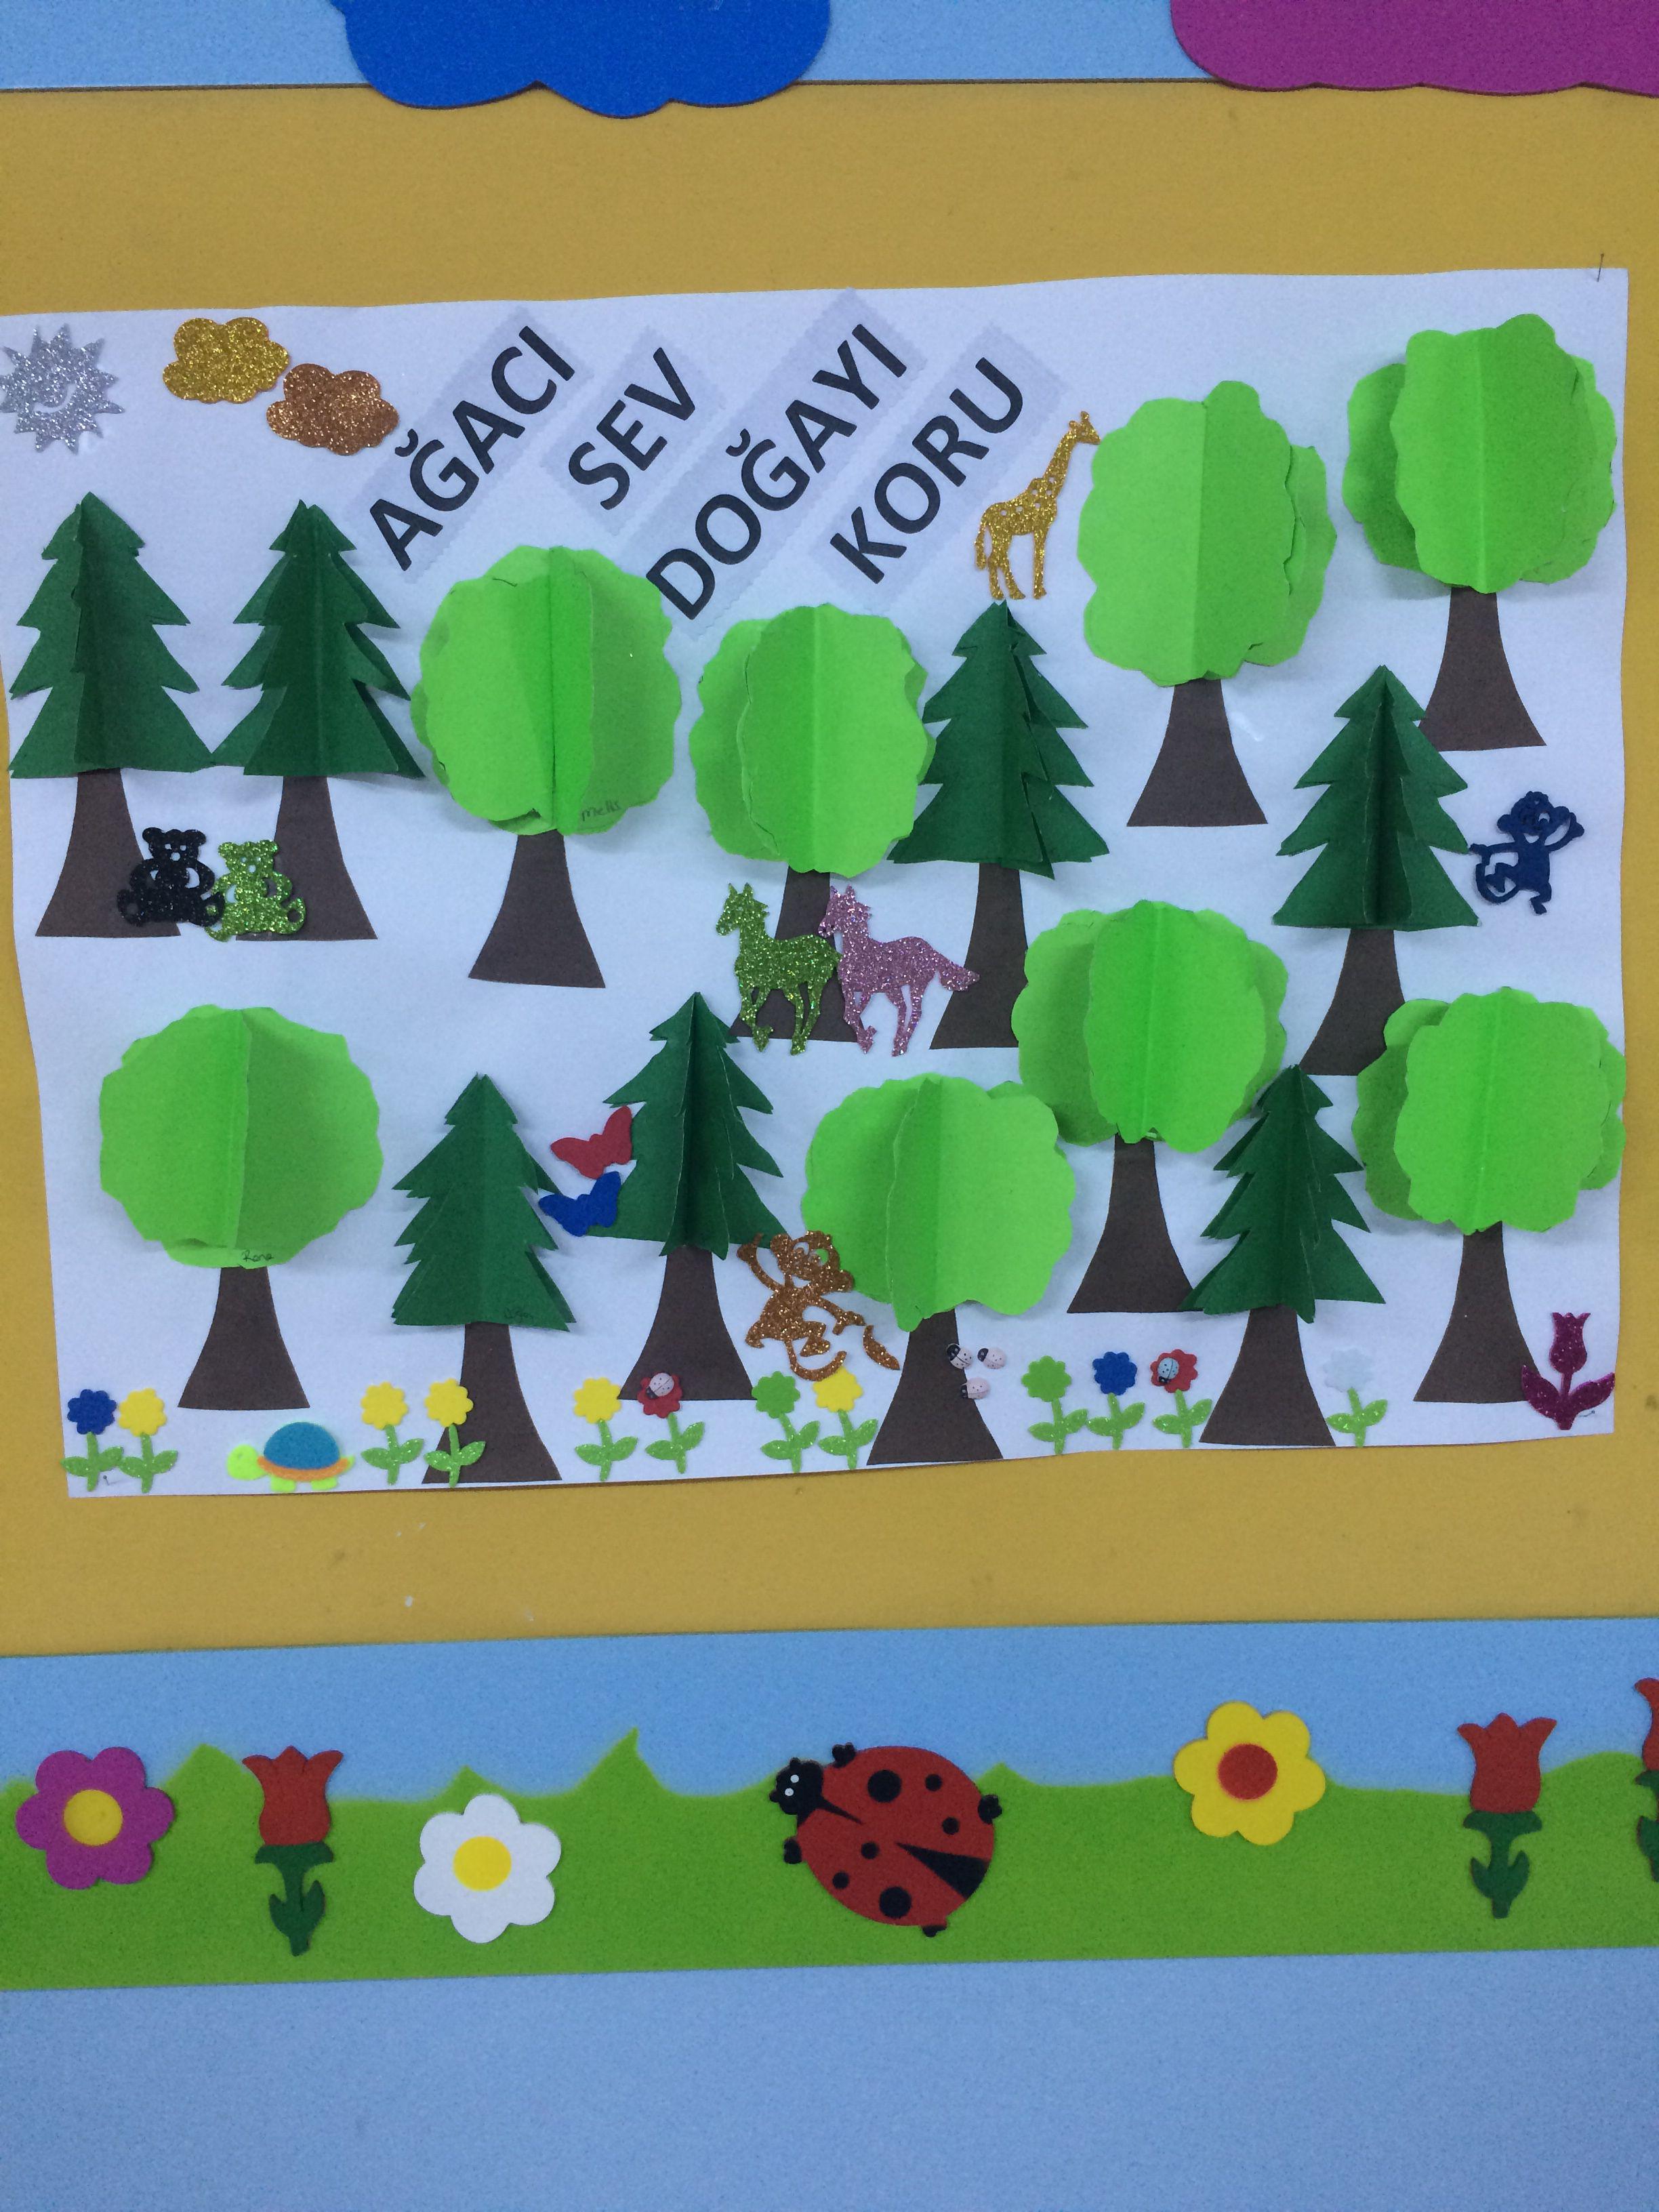 Orman Haftasi Okul Oncesi Sanat Etkinligi Ormanlar Faaliyetler